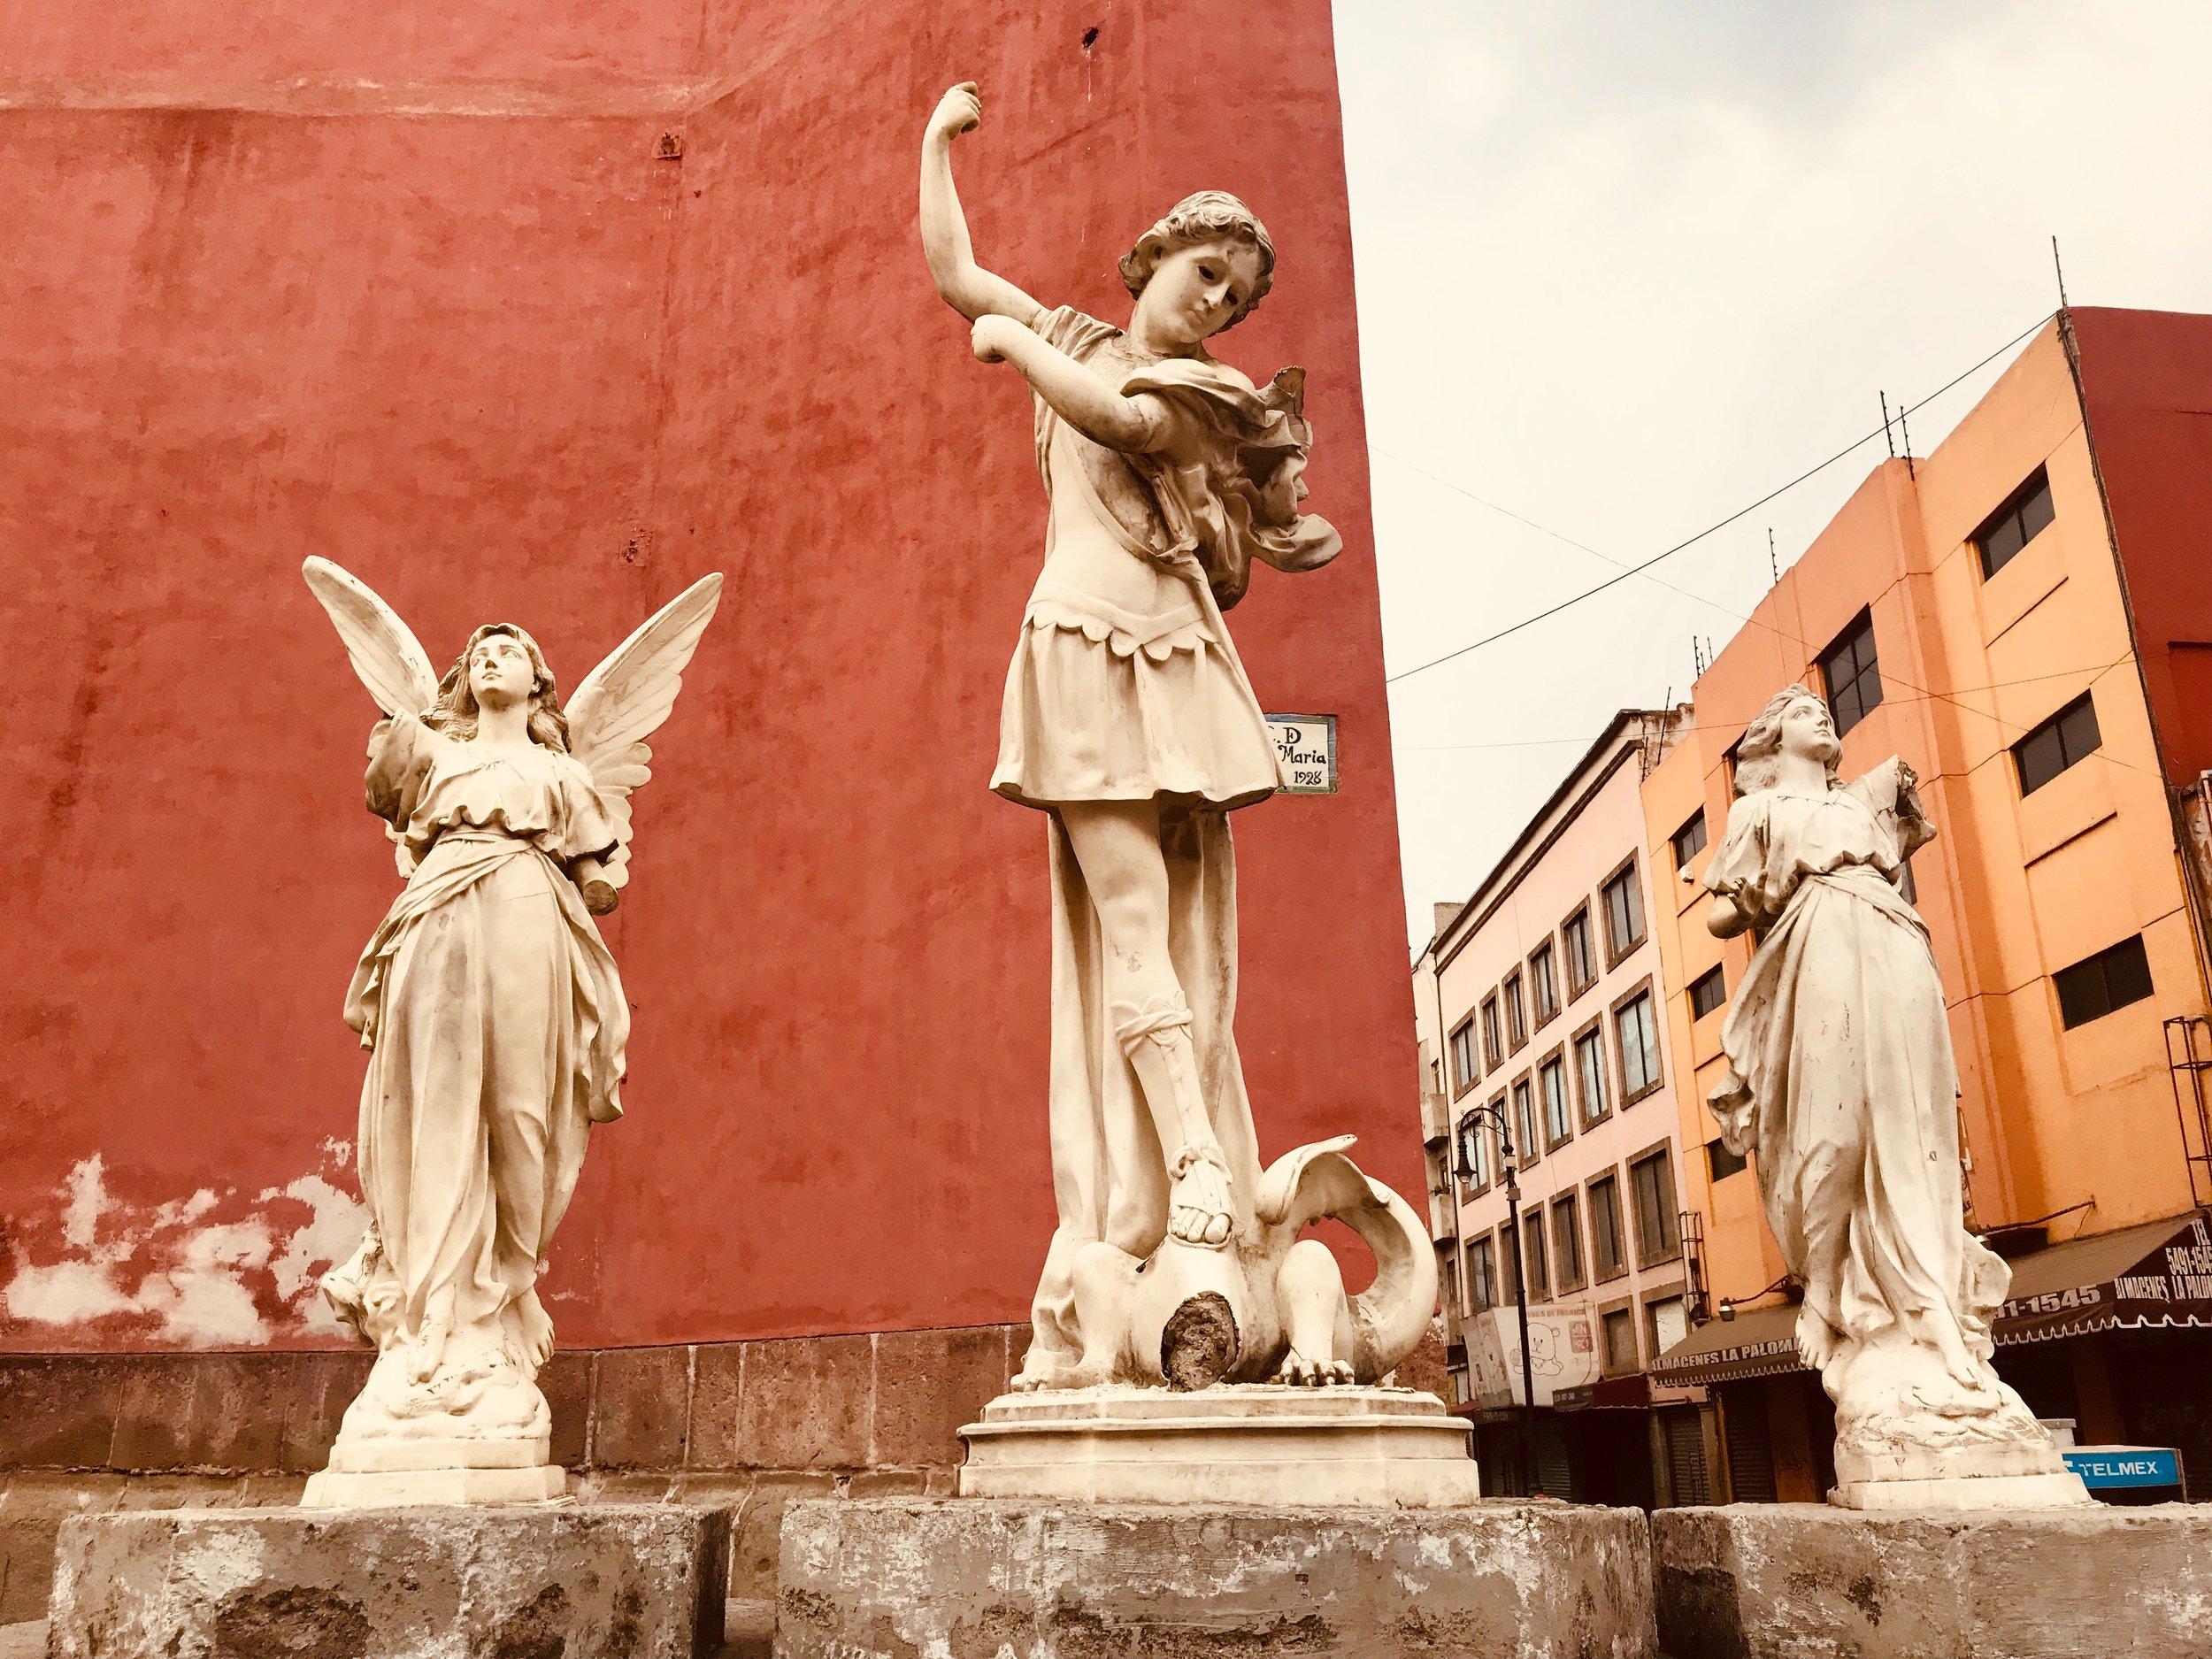 El centro histórico - de la Ciudad de Mexico es bullicioso, colorido y está lleno de gente, comercios y humeantes puestos de comida callejera. También está repleto de museos, hermosas plazas, antiguas iglesias y lugares curiosos que se descubren la mayor parte de las veces por pura coincidencia, simplemente pateando sus calles.